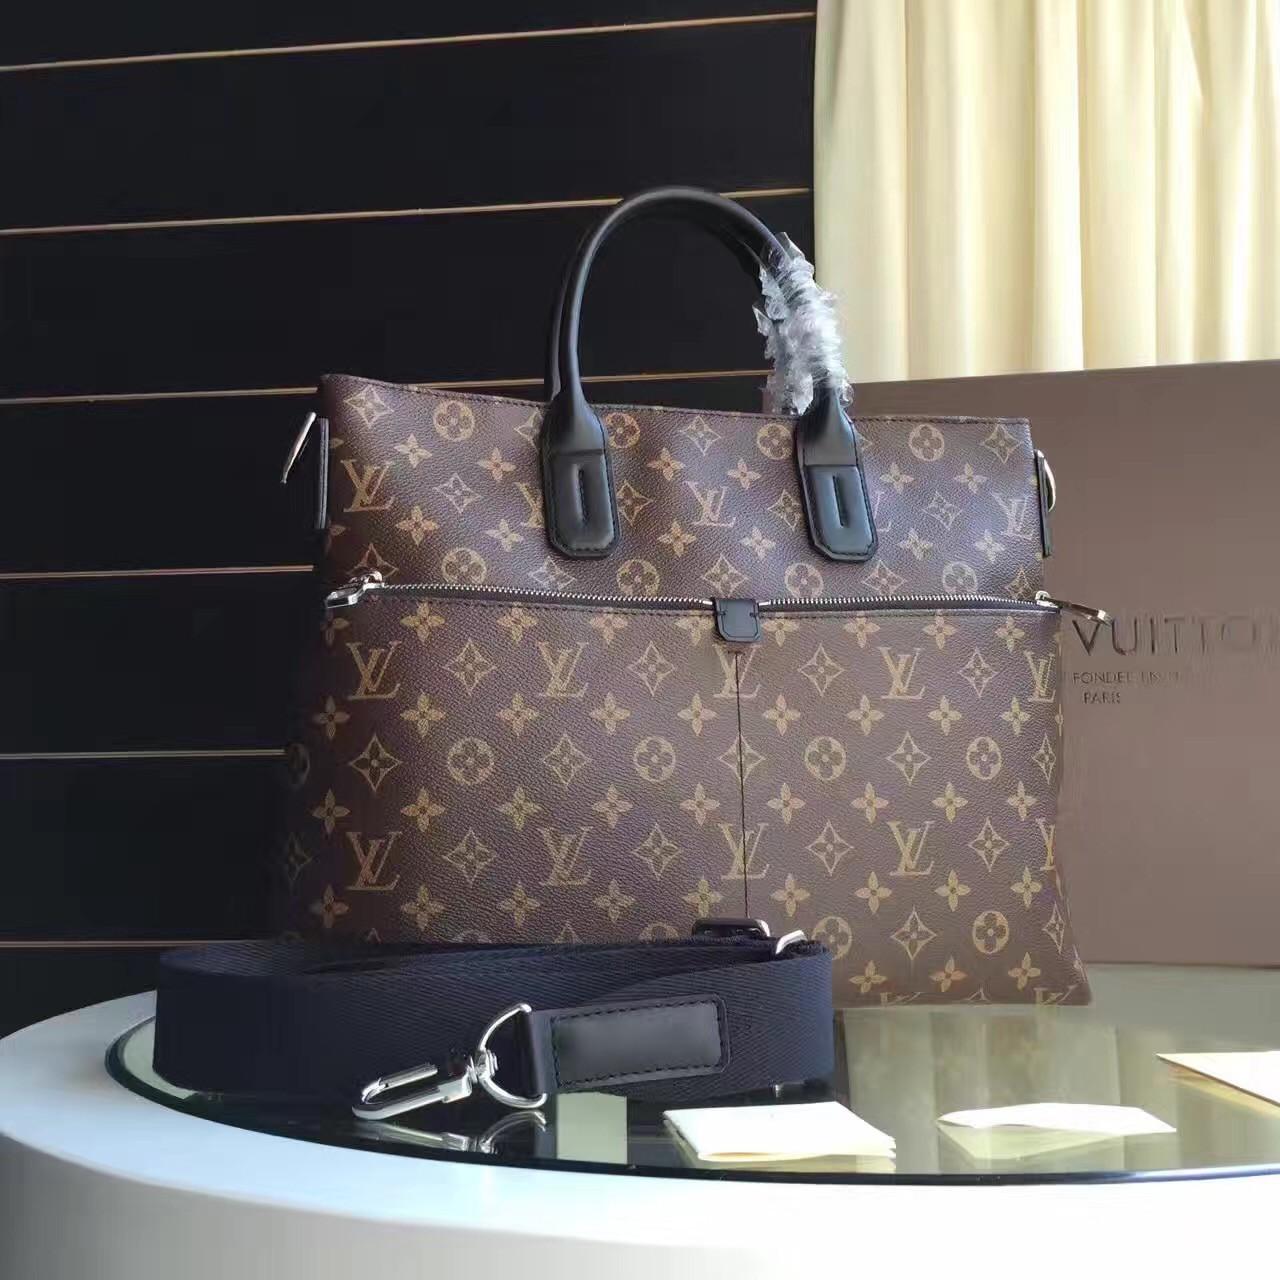 Сумка мужская - Louis Vuitton 7 Days a Week